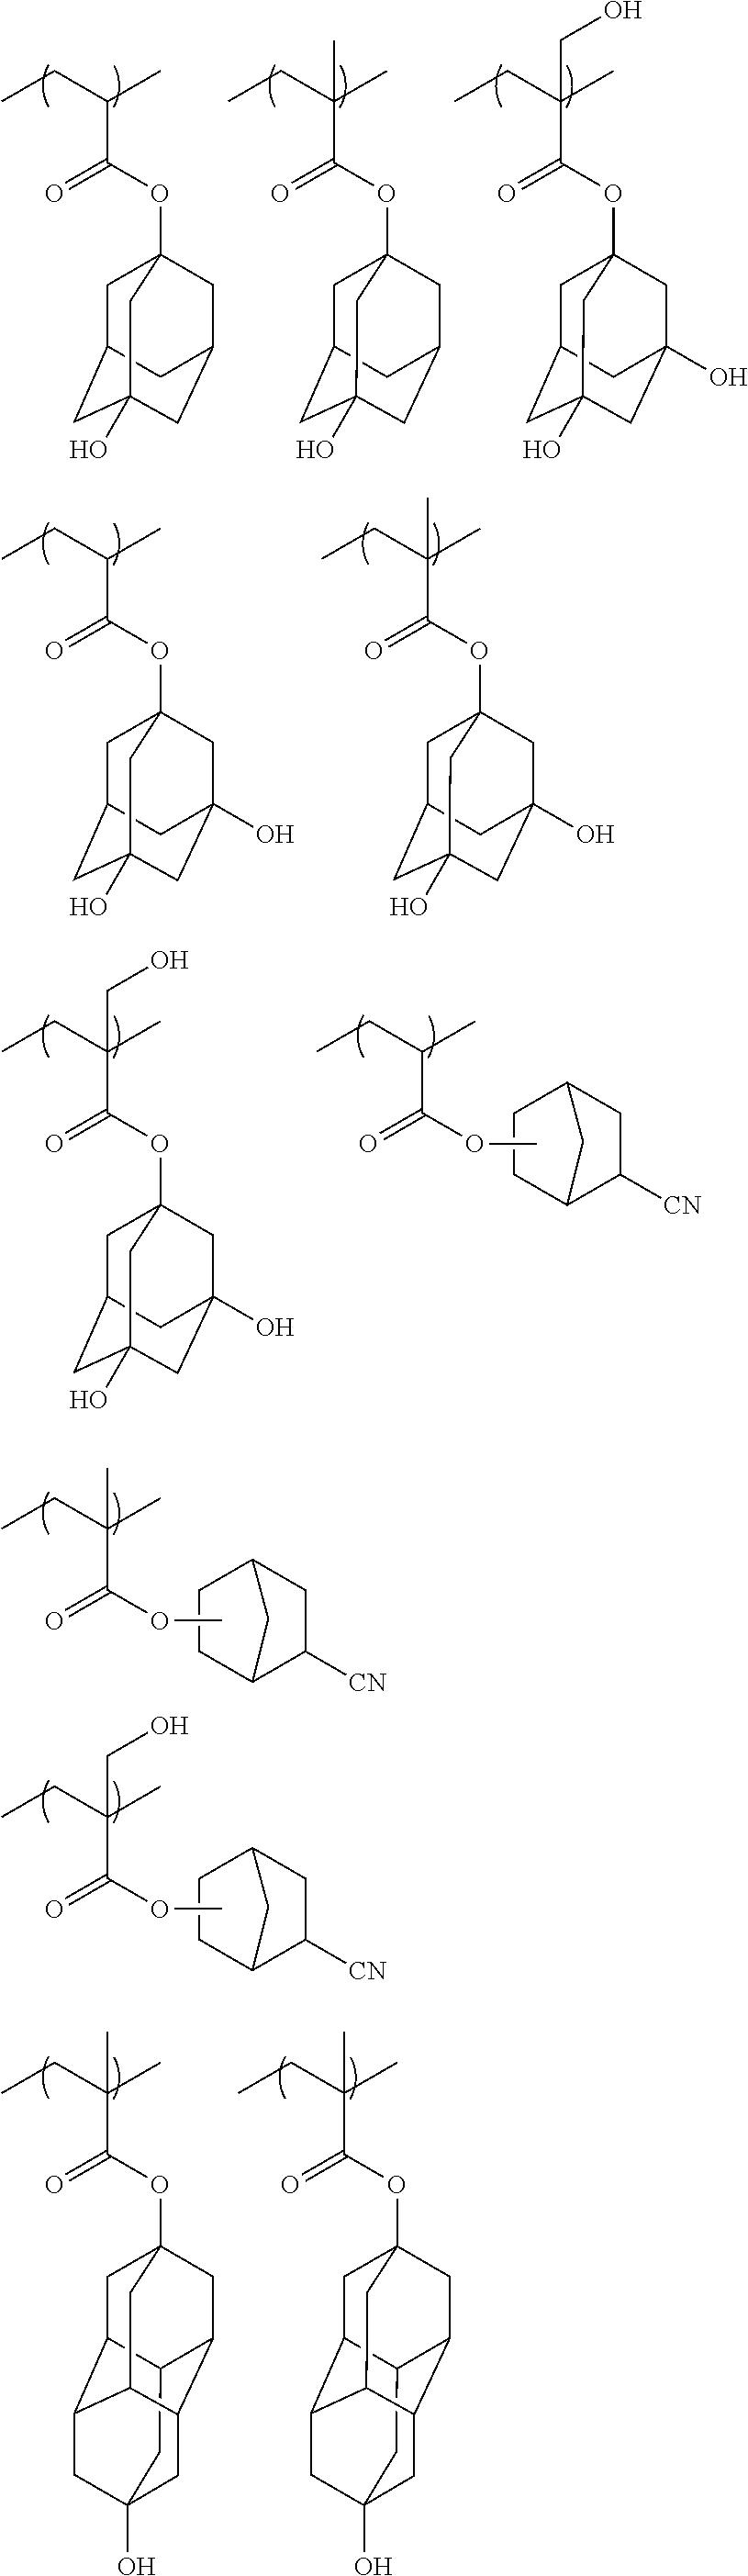 Figure US08404427-20130326-C00065